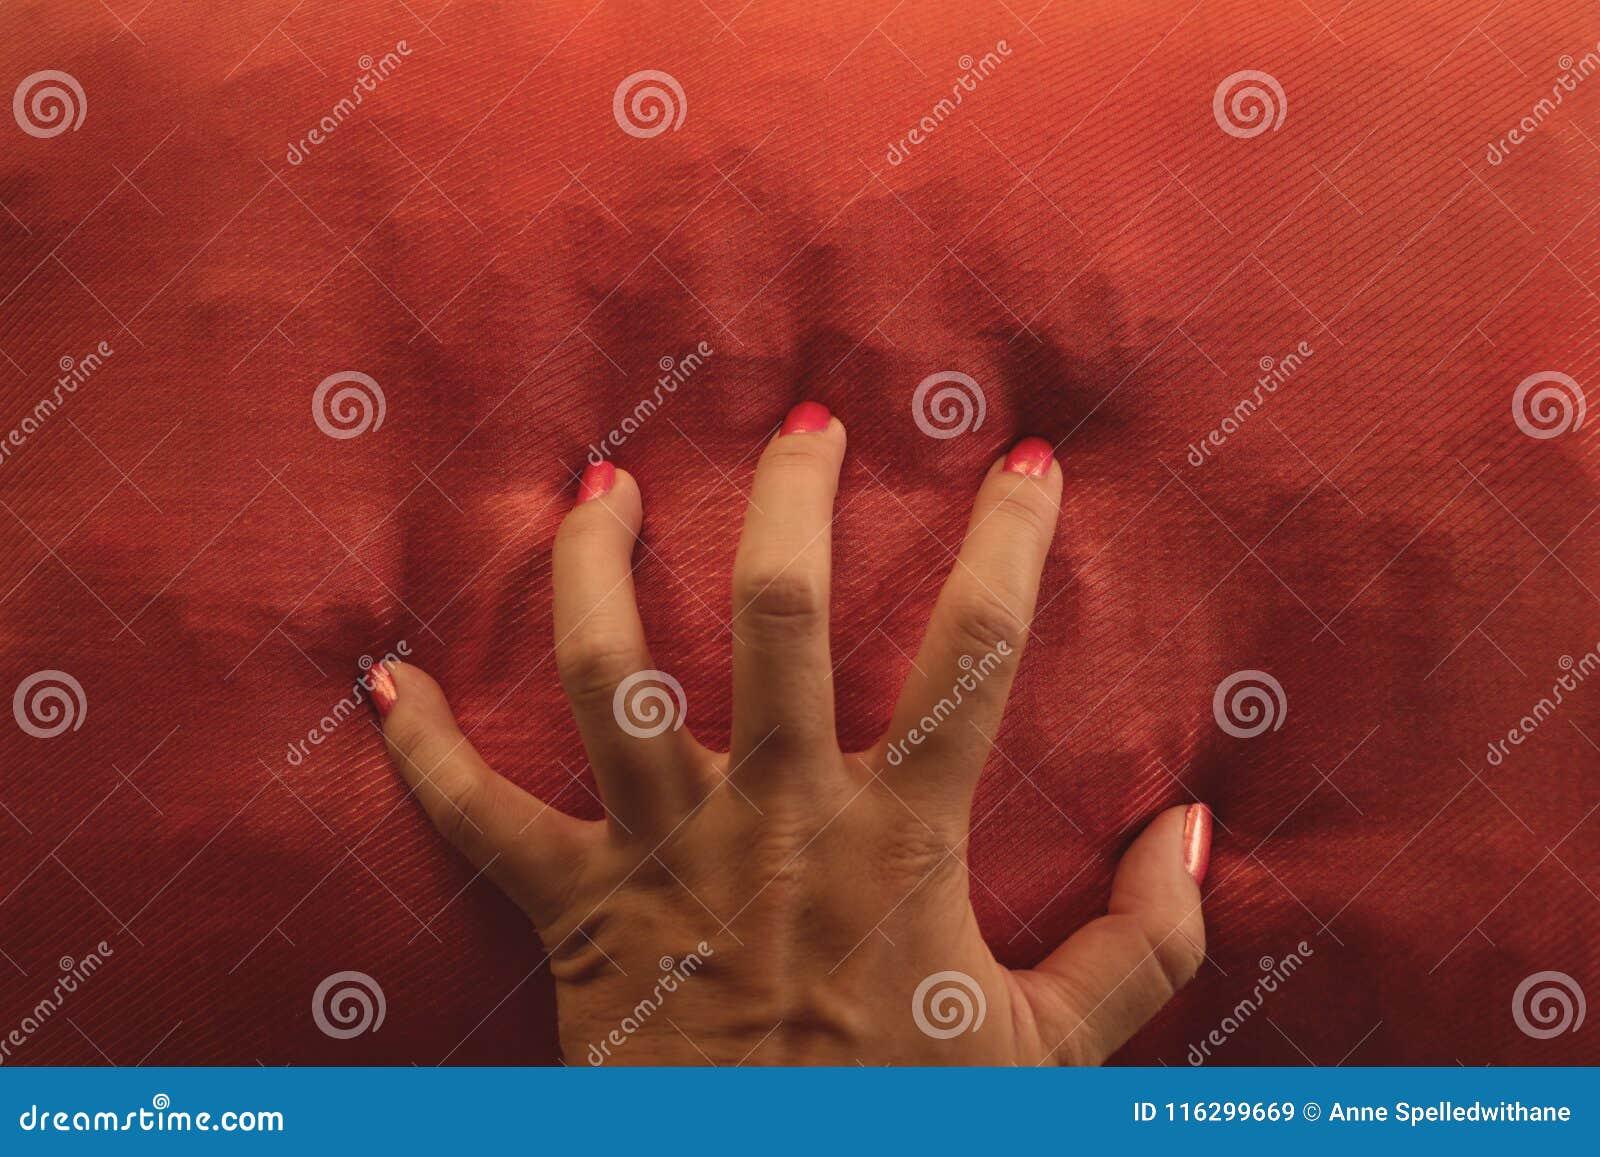 Πορτοκαλί πολωνικό χέρι καρφιών που αρπάζει το πορτοκαλί μαξιλάρι - ταιριάζοντας με χρώματα